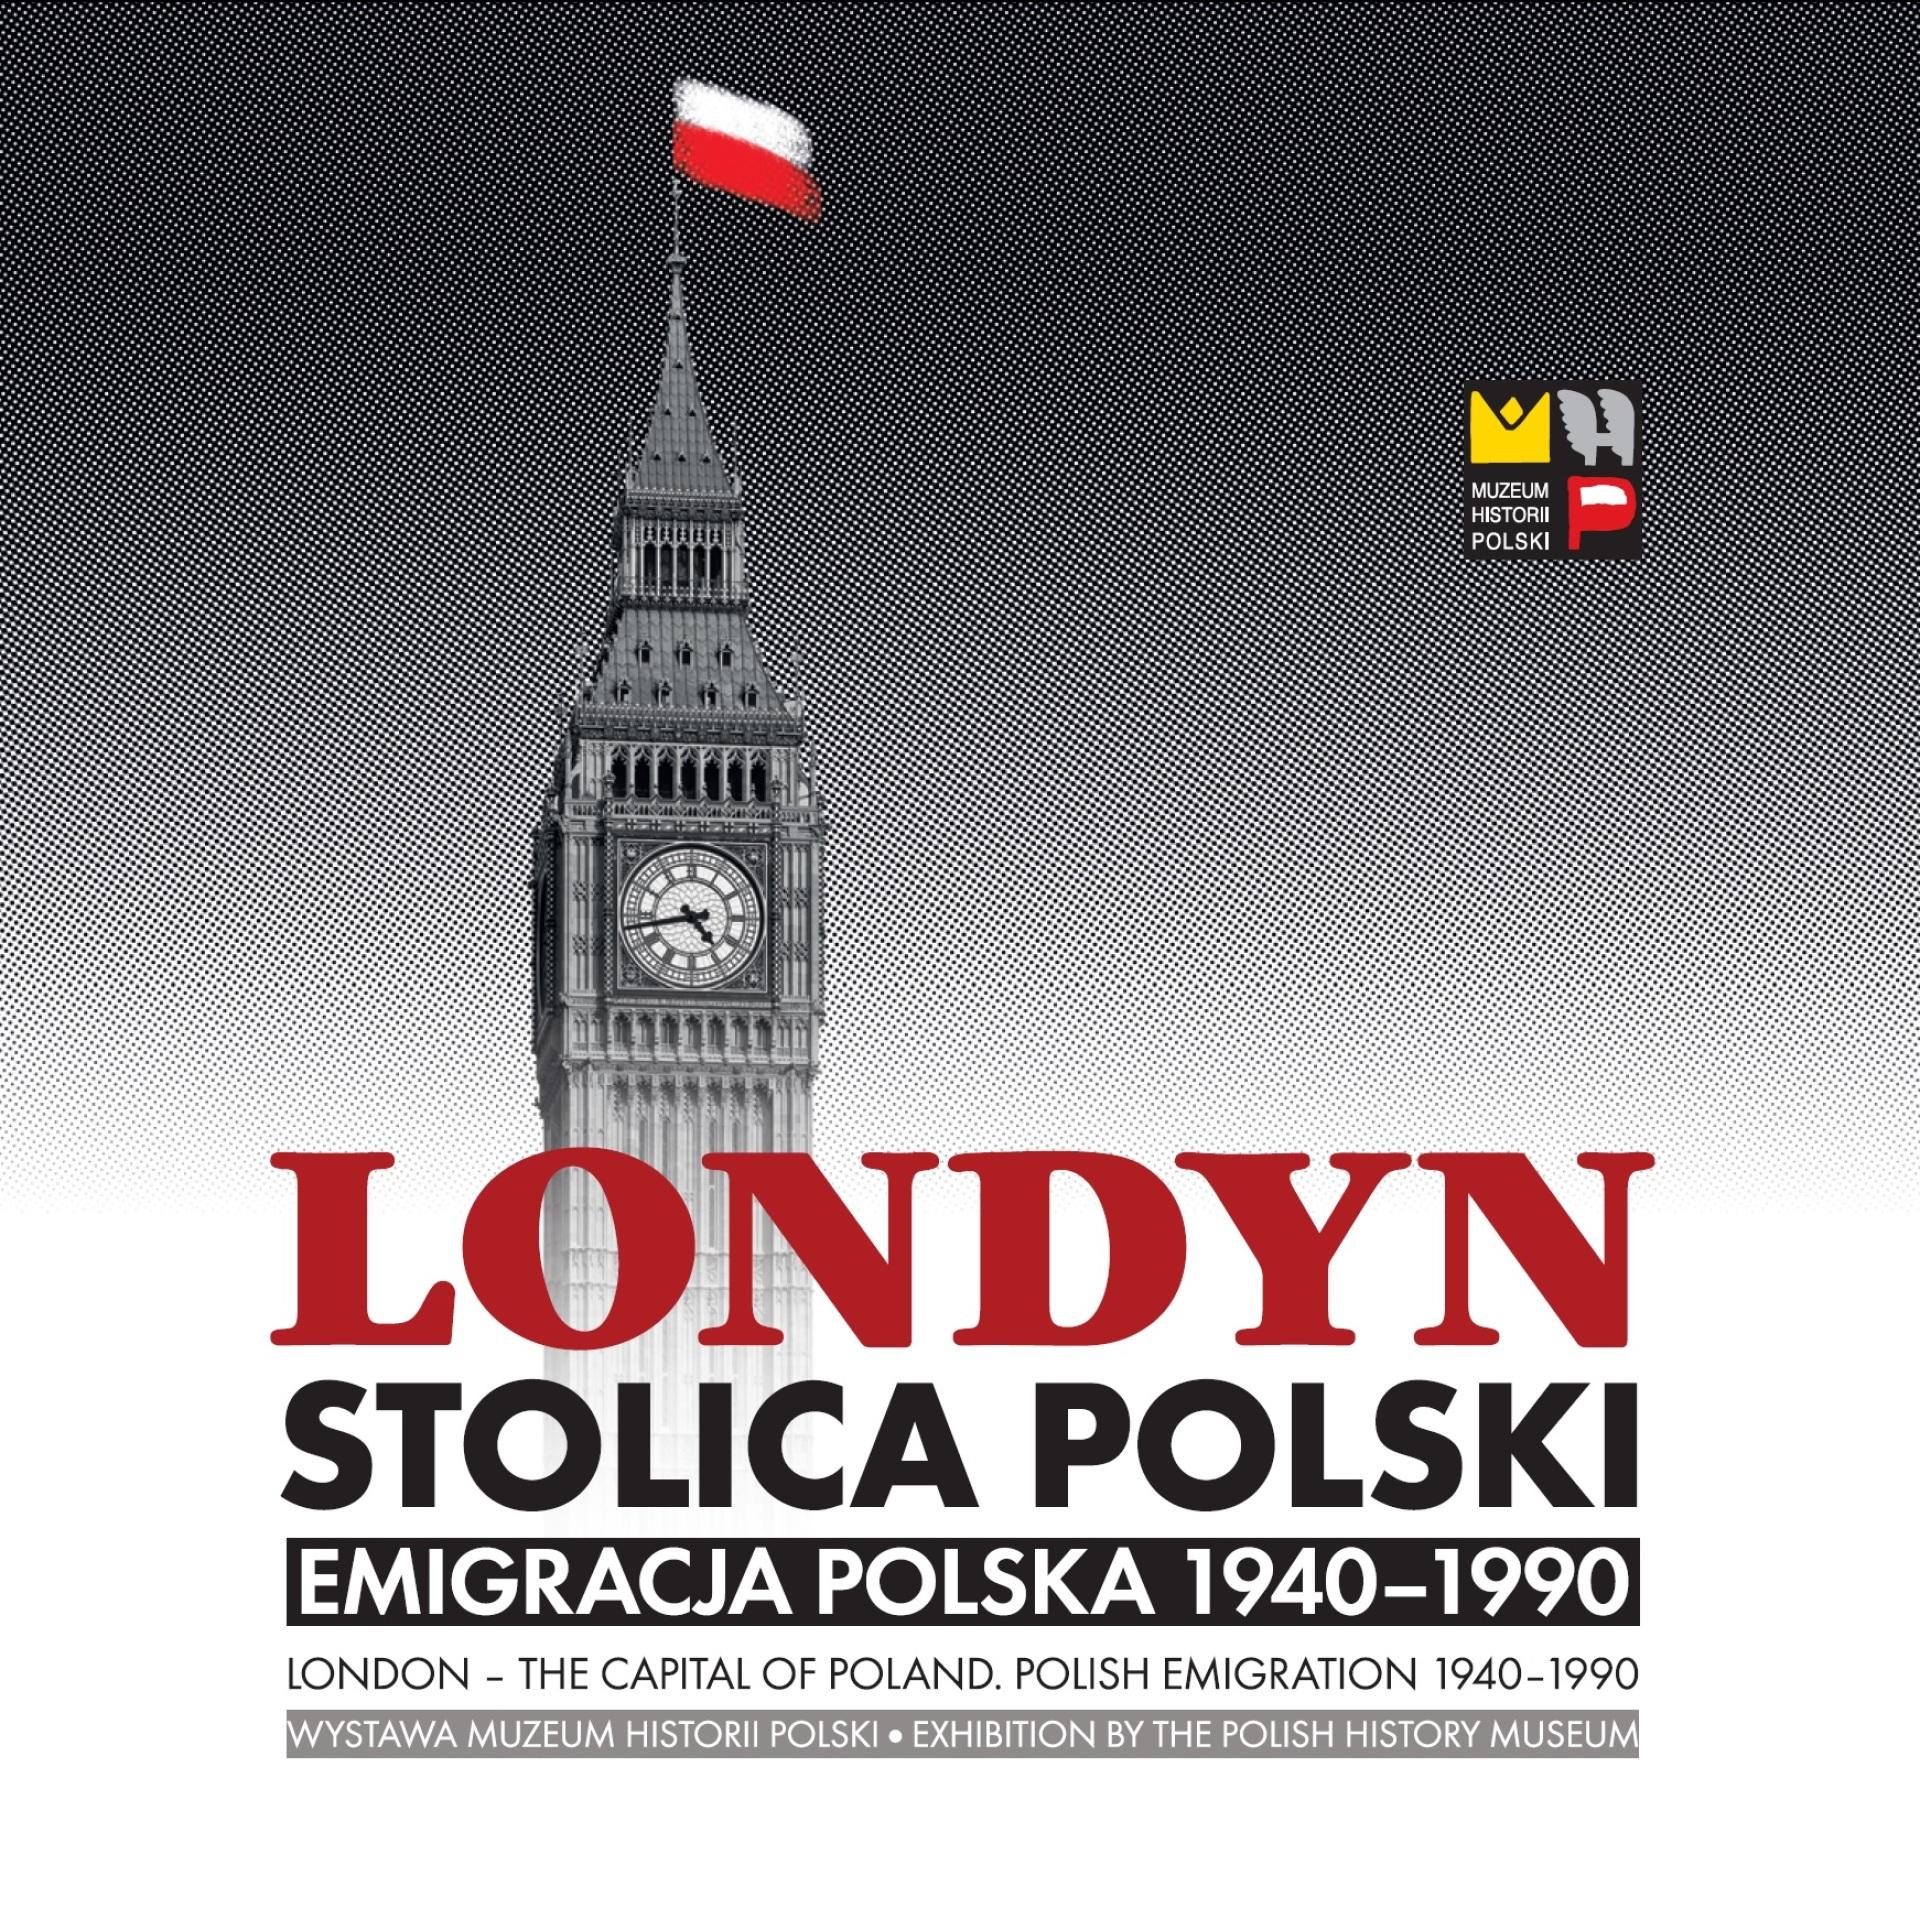 Londyn Stolica Polski Emigracja polska 1940-1990 (opr.zbiorowe)